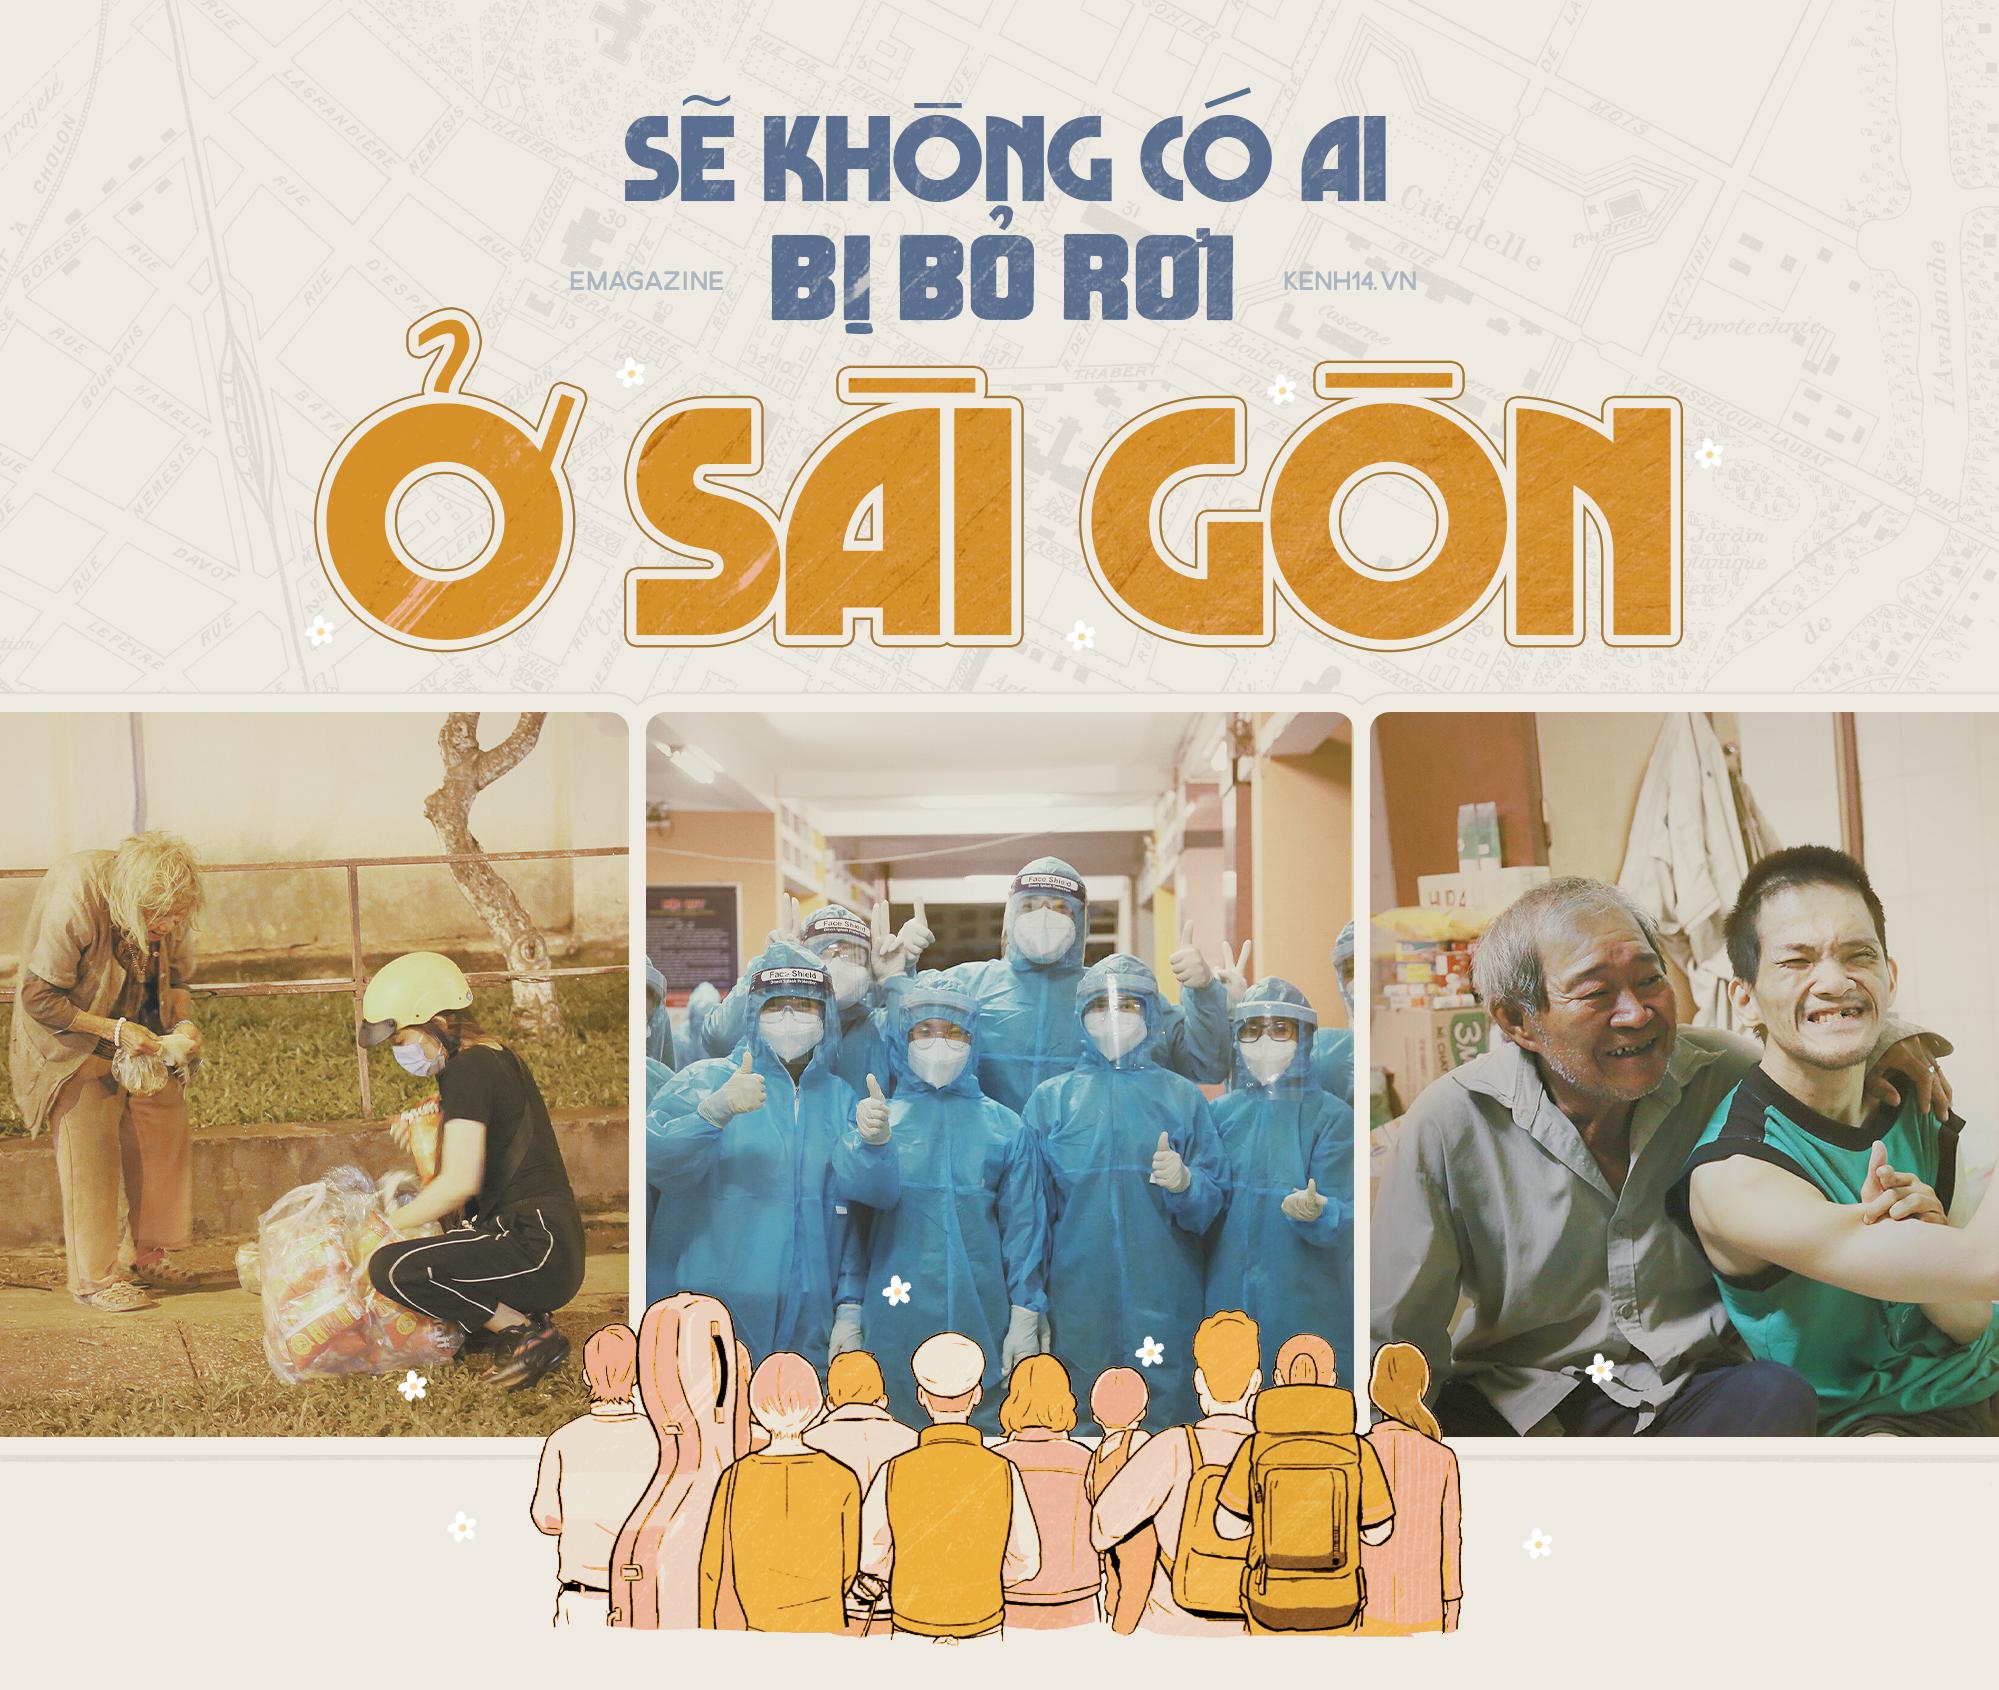 Sẽ không có ai bị bỏ rơi ở Sài Gòn